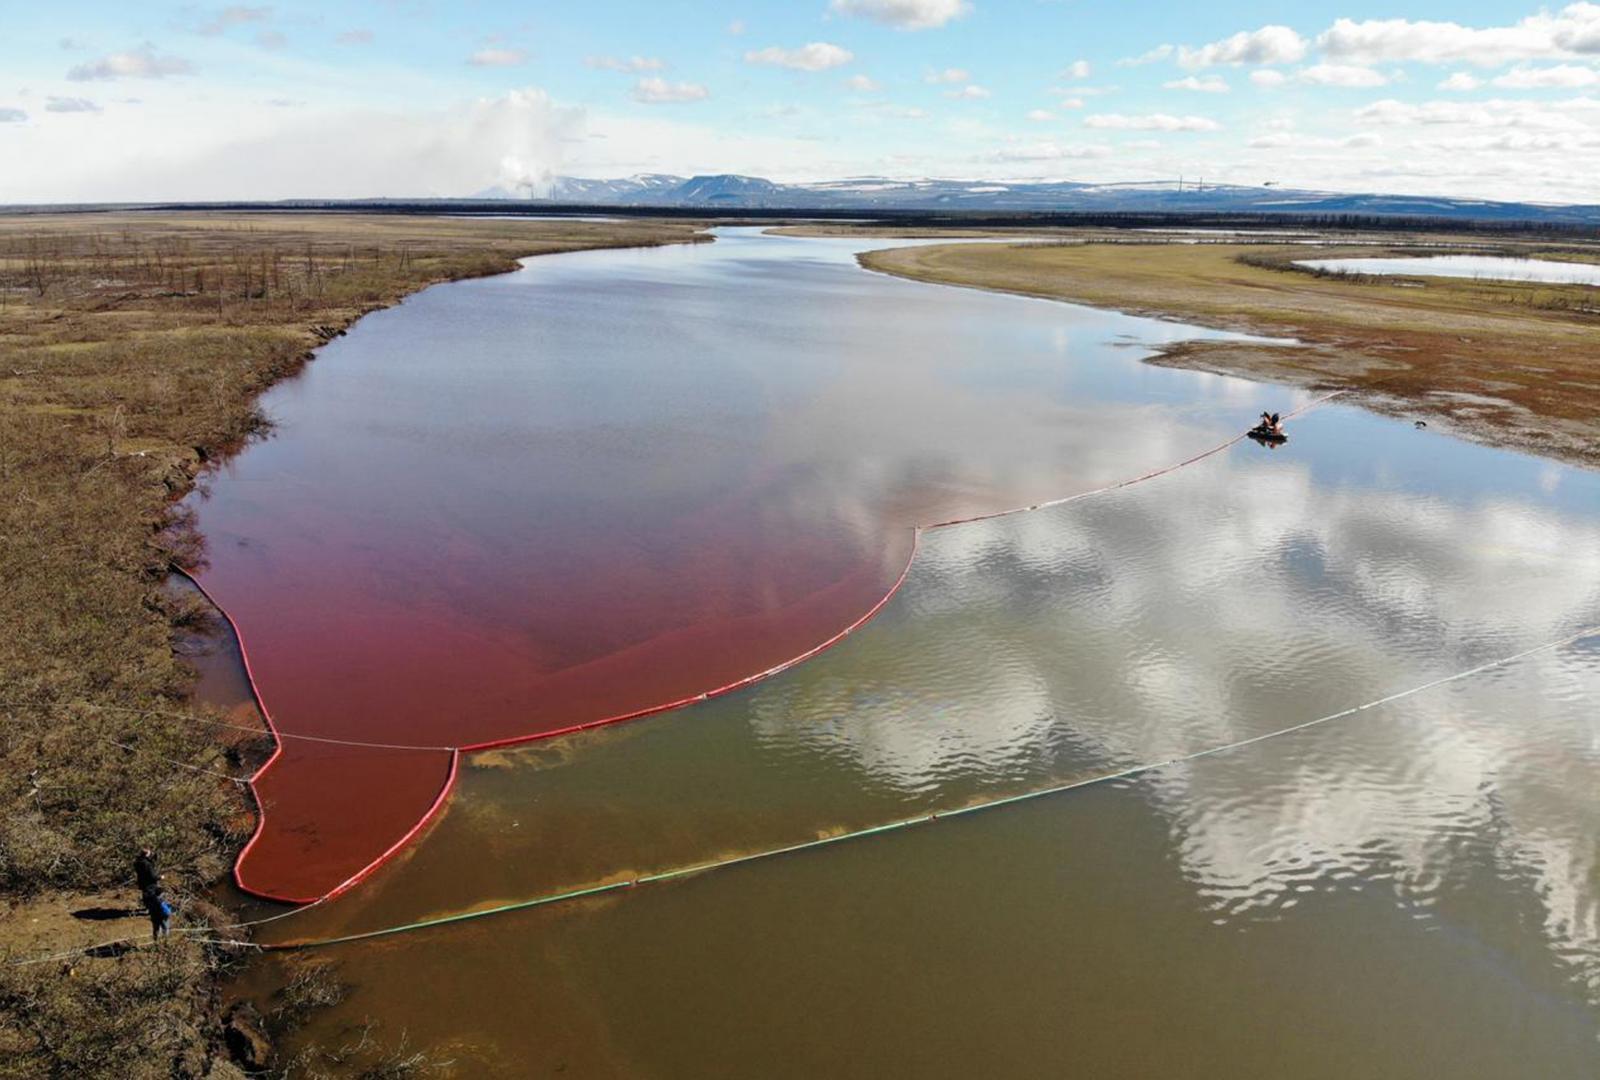 รัสเซีย ประกาศภาวะฉุกเฉิน น้ำมันรั่วลงอาร์กติก 2 หมื่นตัน